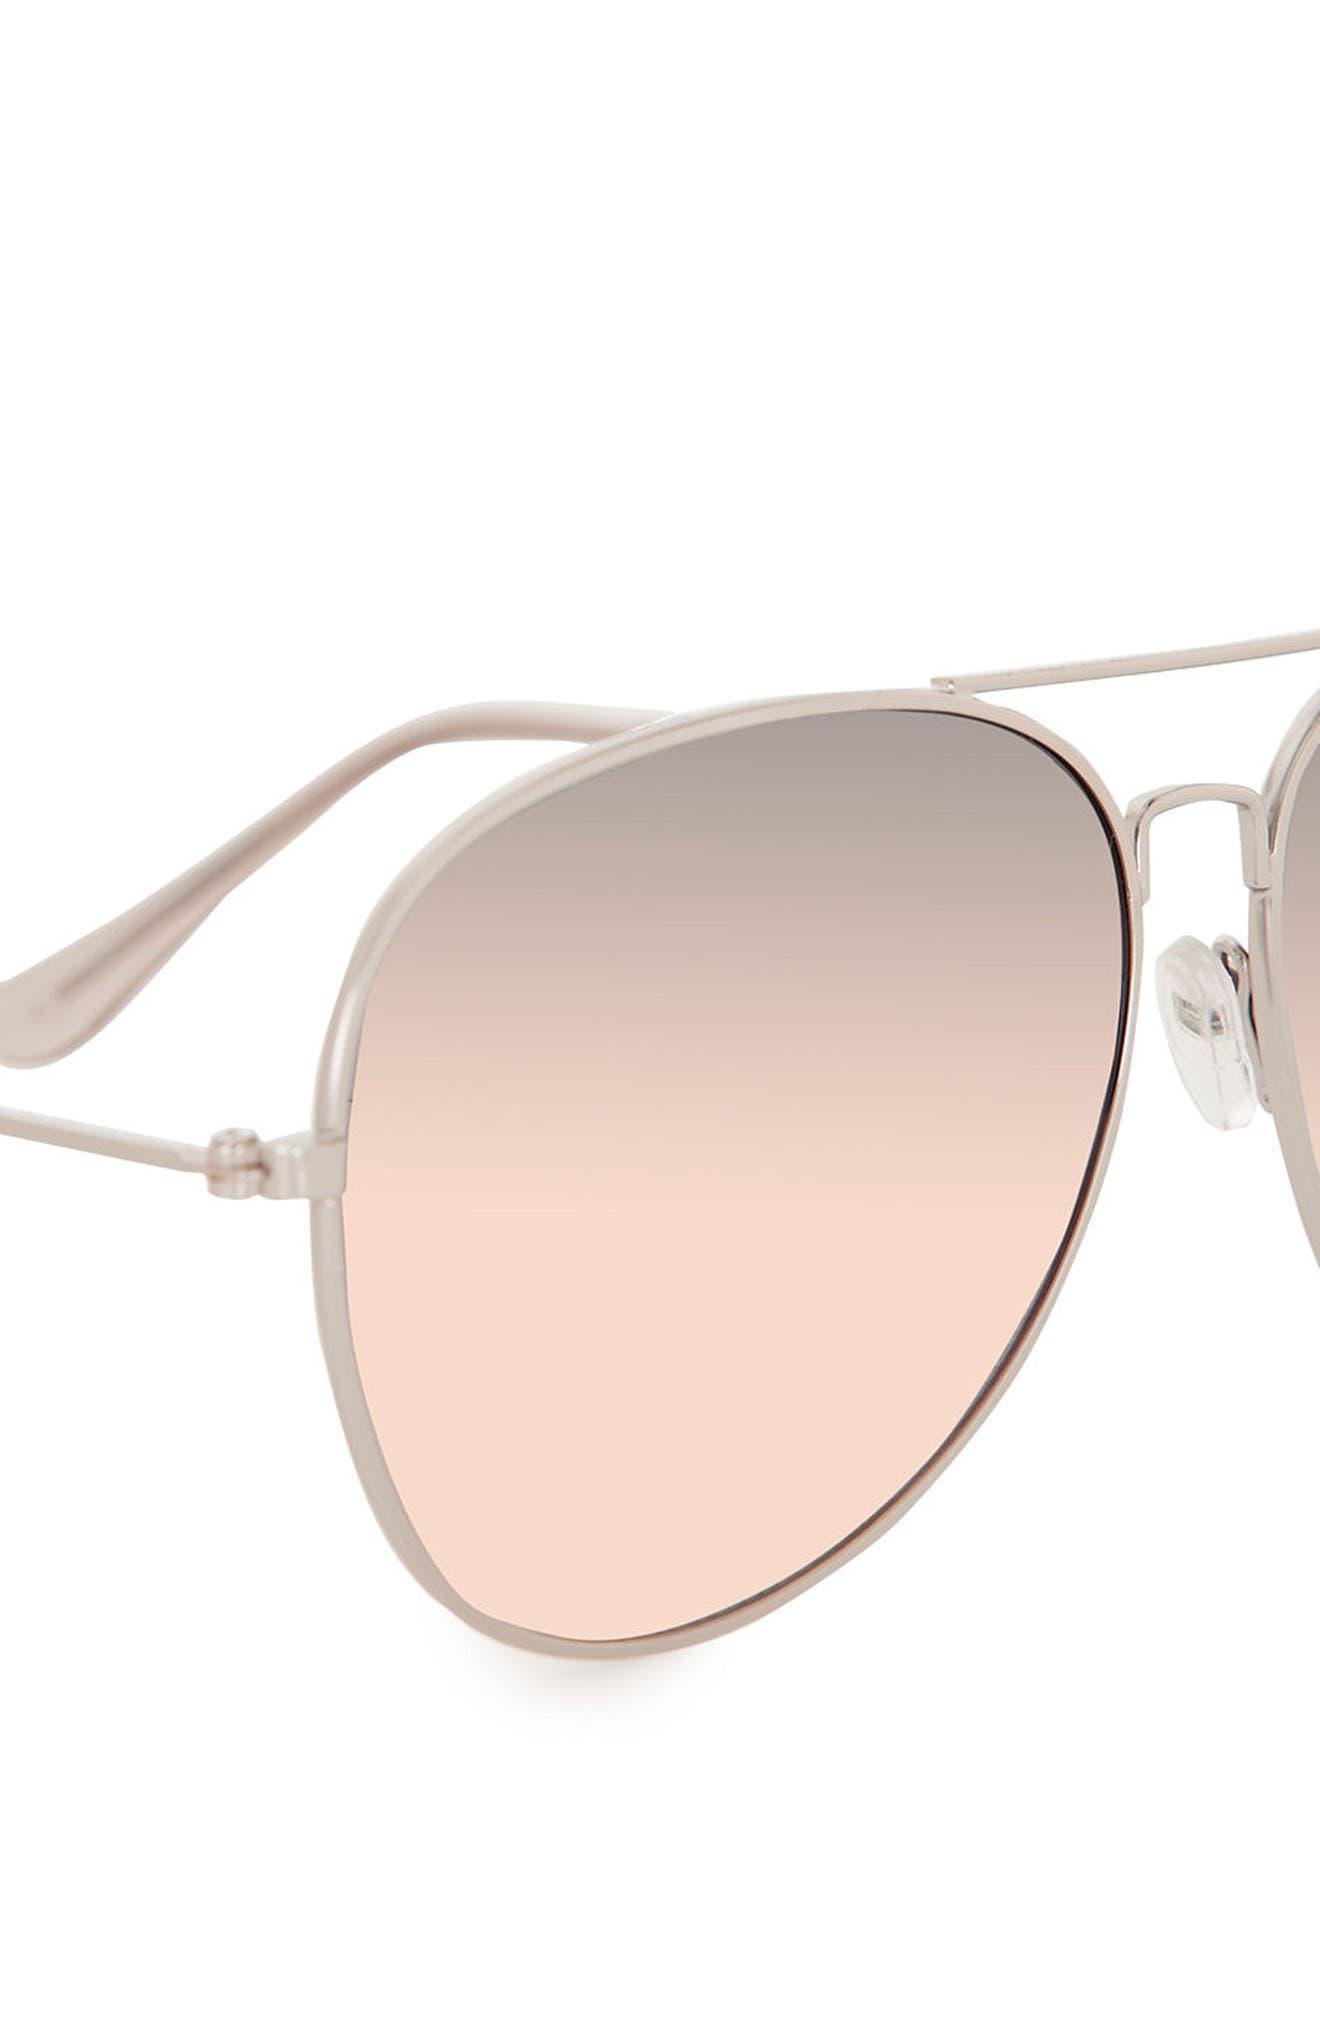 Alternate Image 3  - Topman 58mm Mirrored Aviator Sunglasses